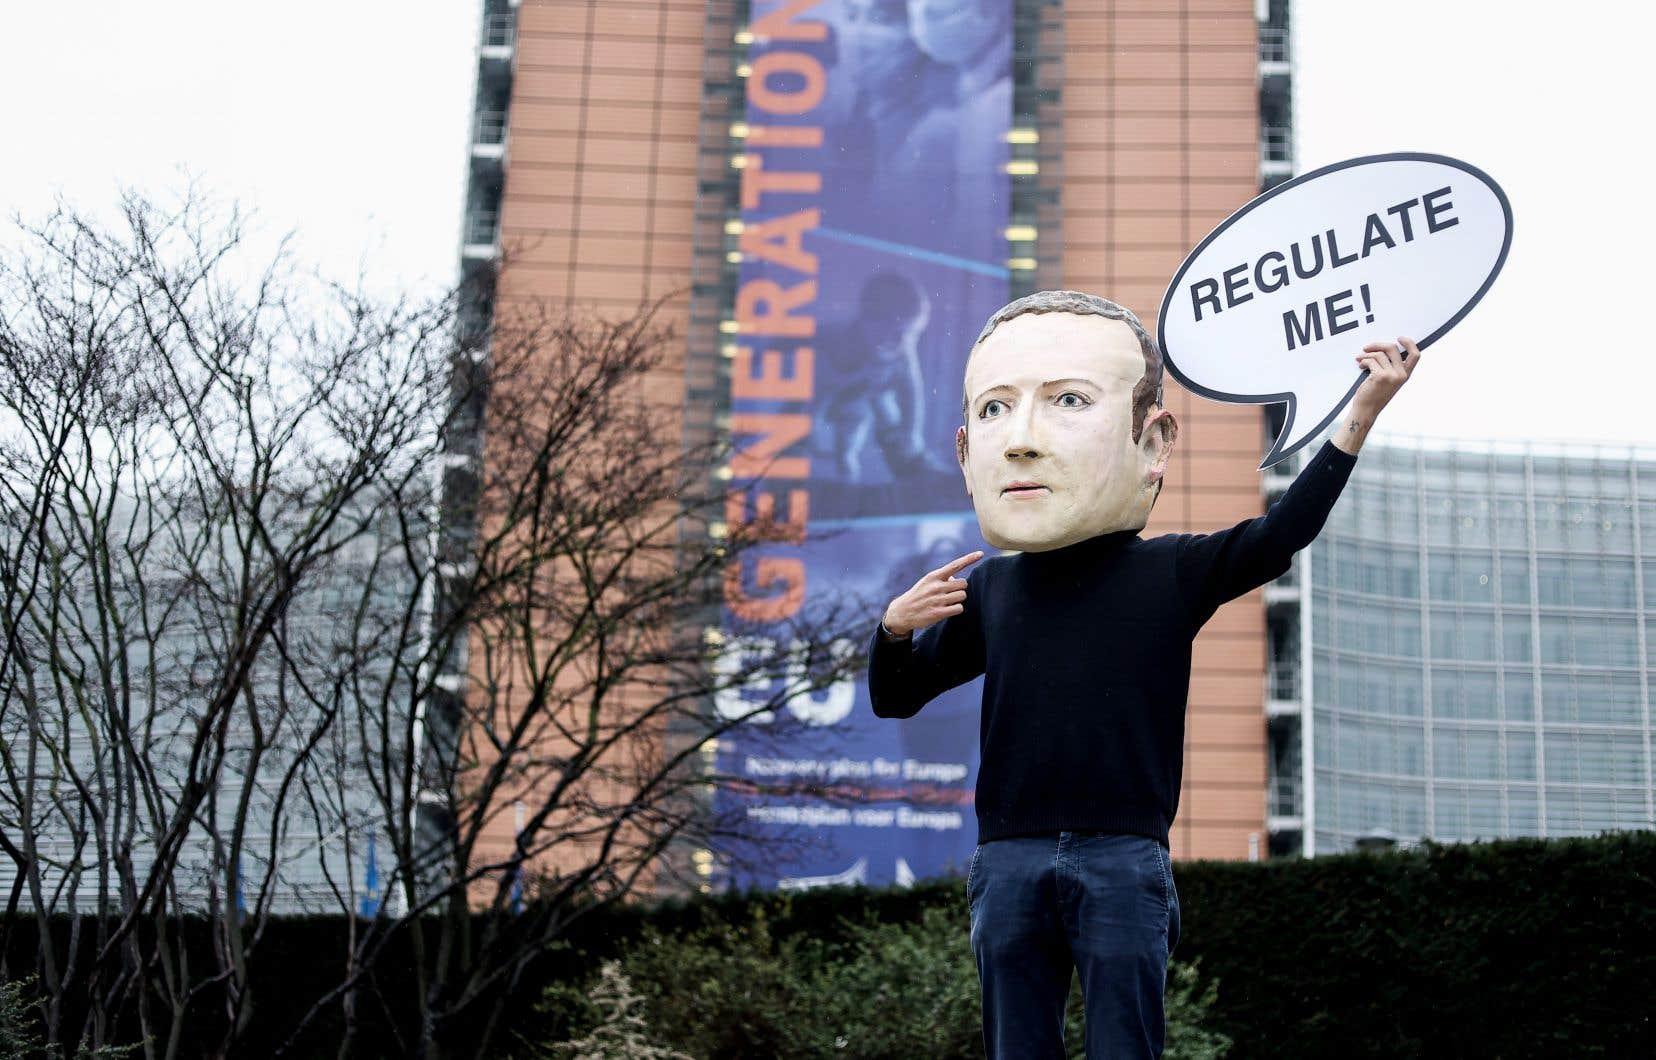 L'entreprise subit des pressions de par le monde pour payer plus d'impôts et mieux restreindre les discours haineux. En photo, un manifestant portant un masque à l'effigie du p.-d.g. de Facebook, Mark Zuckerberg, devant le bâtiment de la Commission européenne à Bruxelles en décembre 2020.